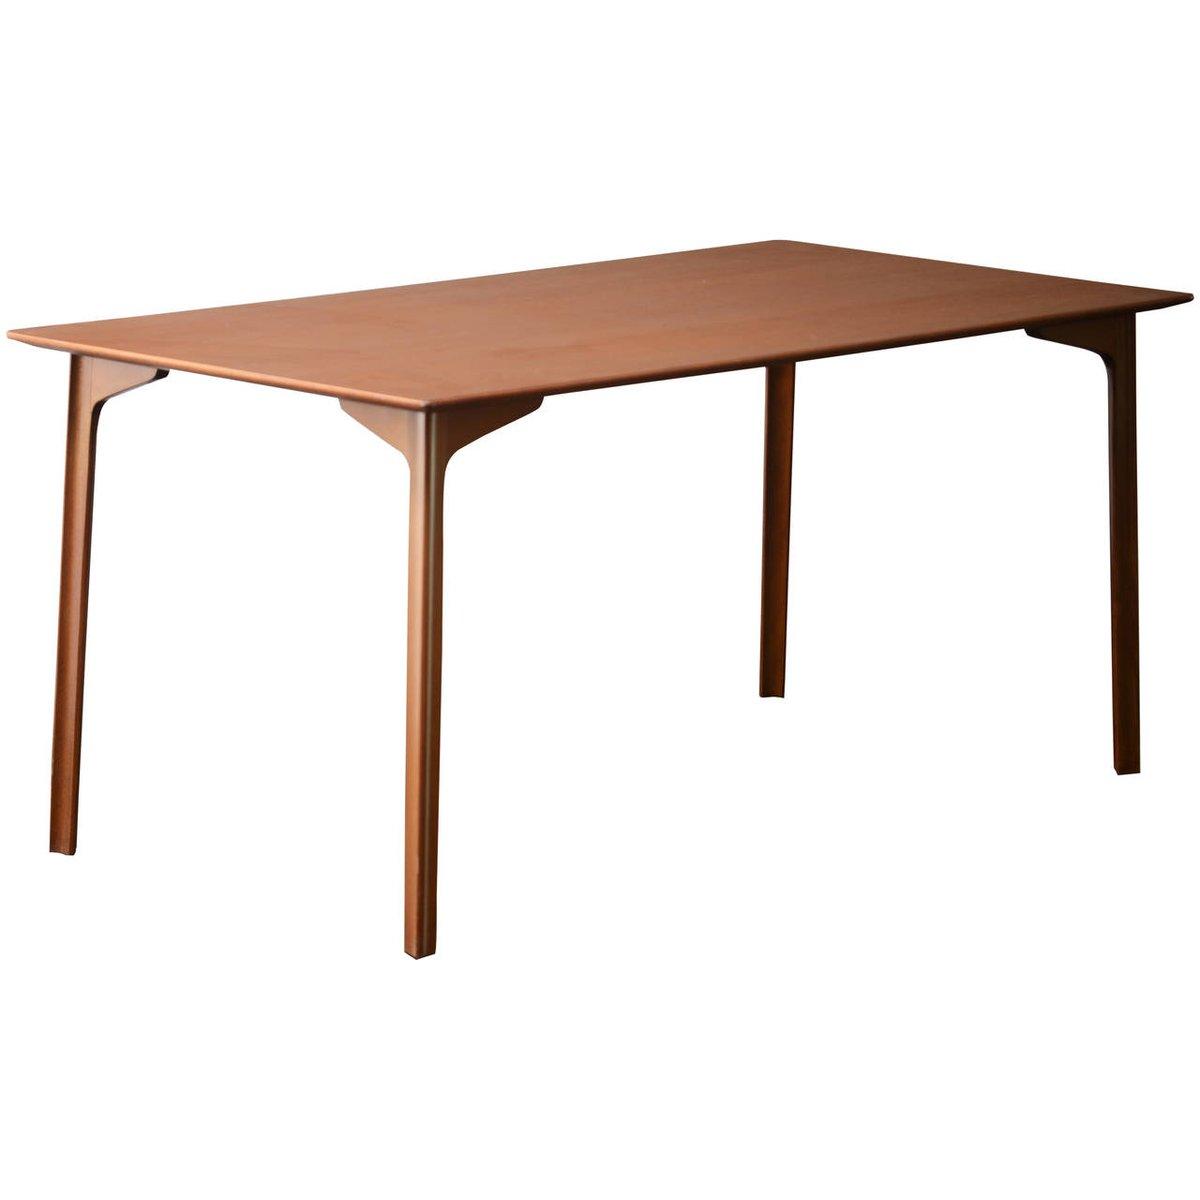 grand prix tisch aus teakholz von arne jacobsen 1957 bei. Black Bedroom Furniture Sets. Home Design Ideas